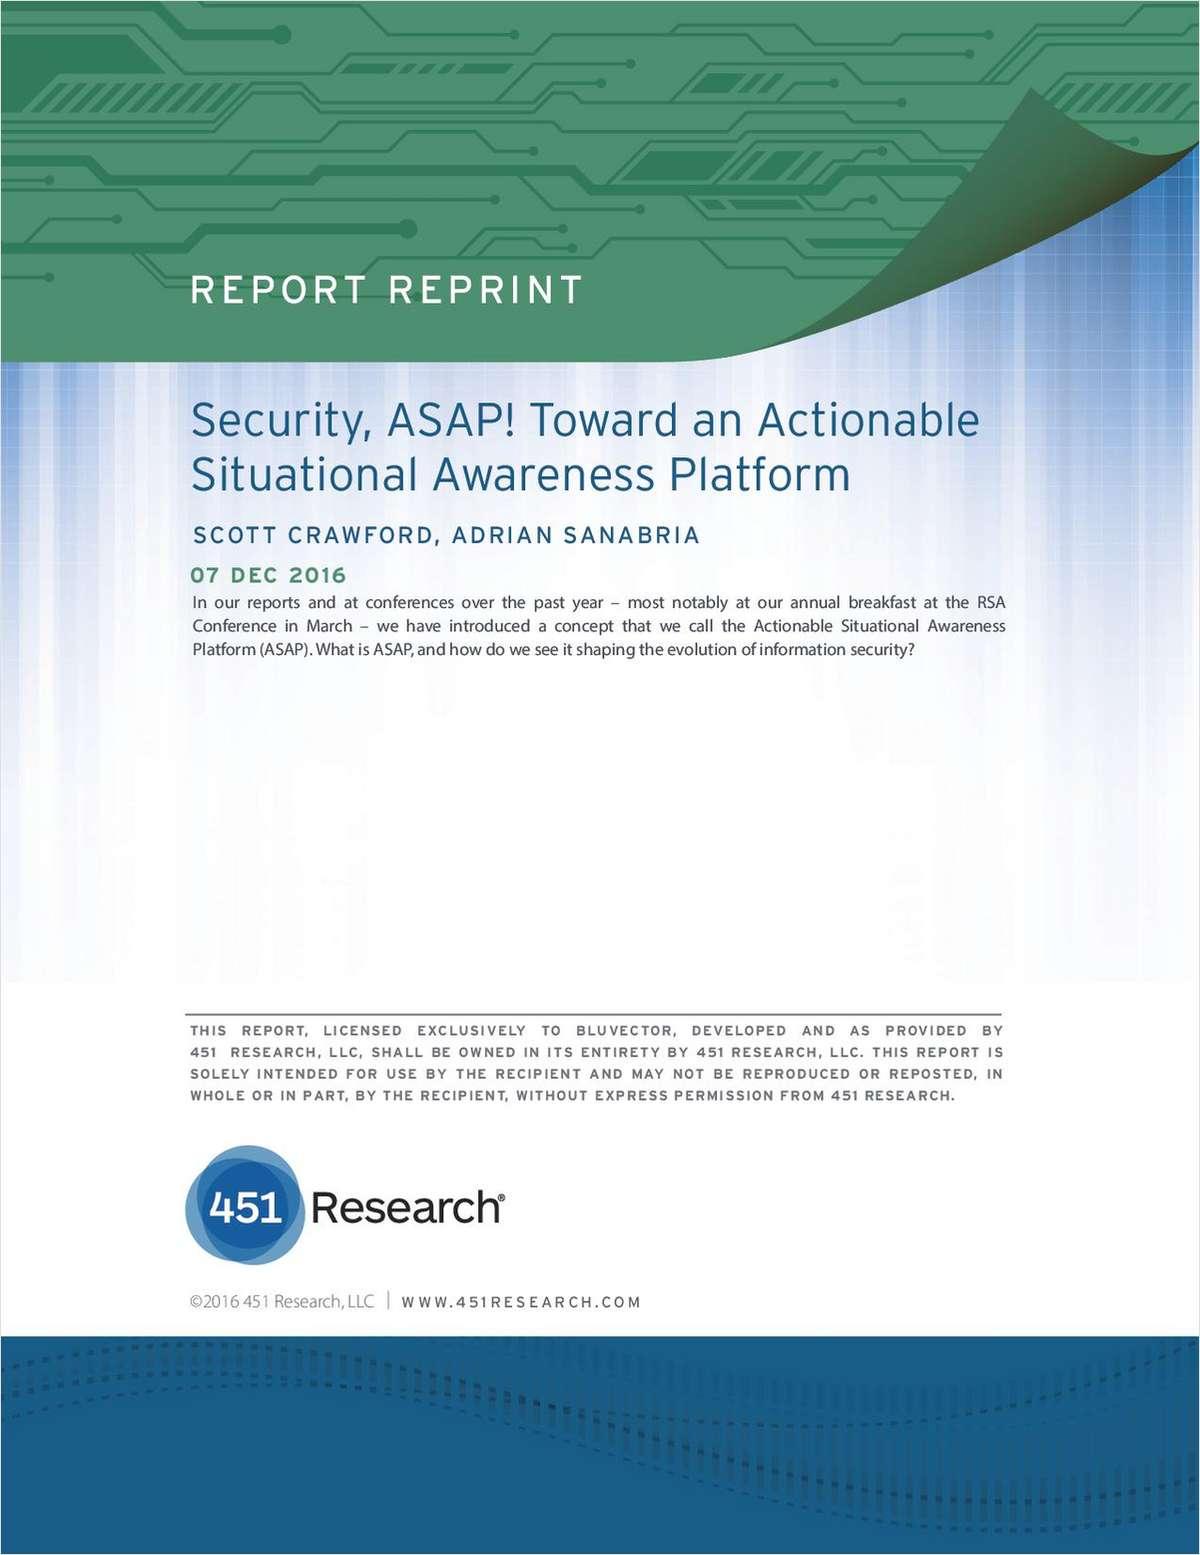 Security, ASAP! Toward an Actionable Situational Awareness Platform